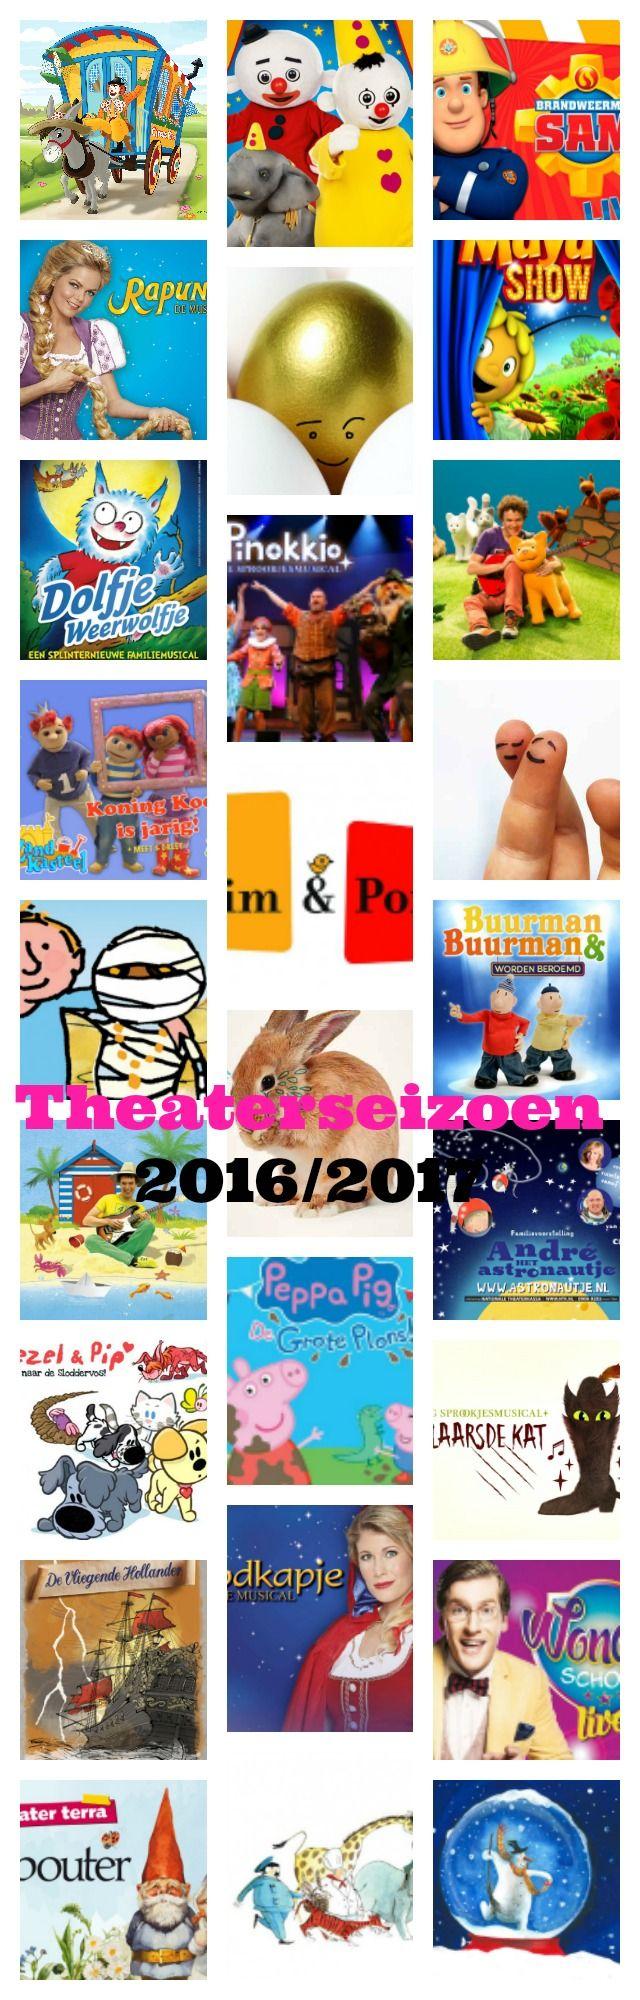 Familievoorstellingen theaterseizoen 2016 2017 - Mamaliefde.nl